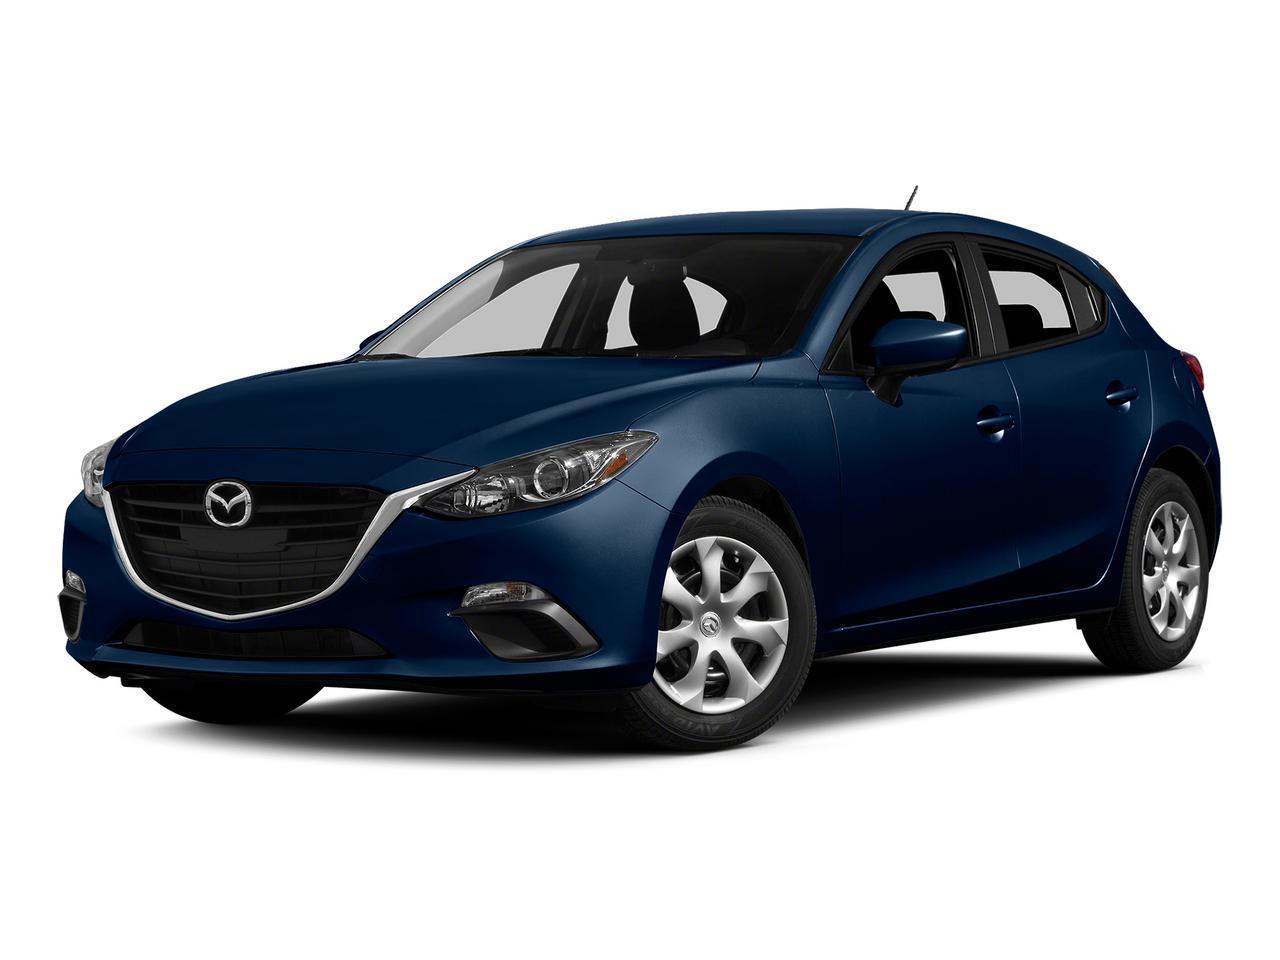 2015 Mazda Mazda3 Vehicle Photo in Mechanicsburg, PA 17055